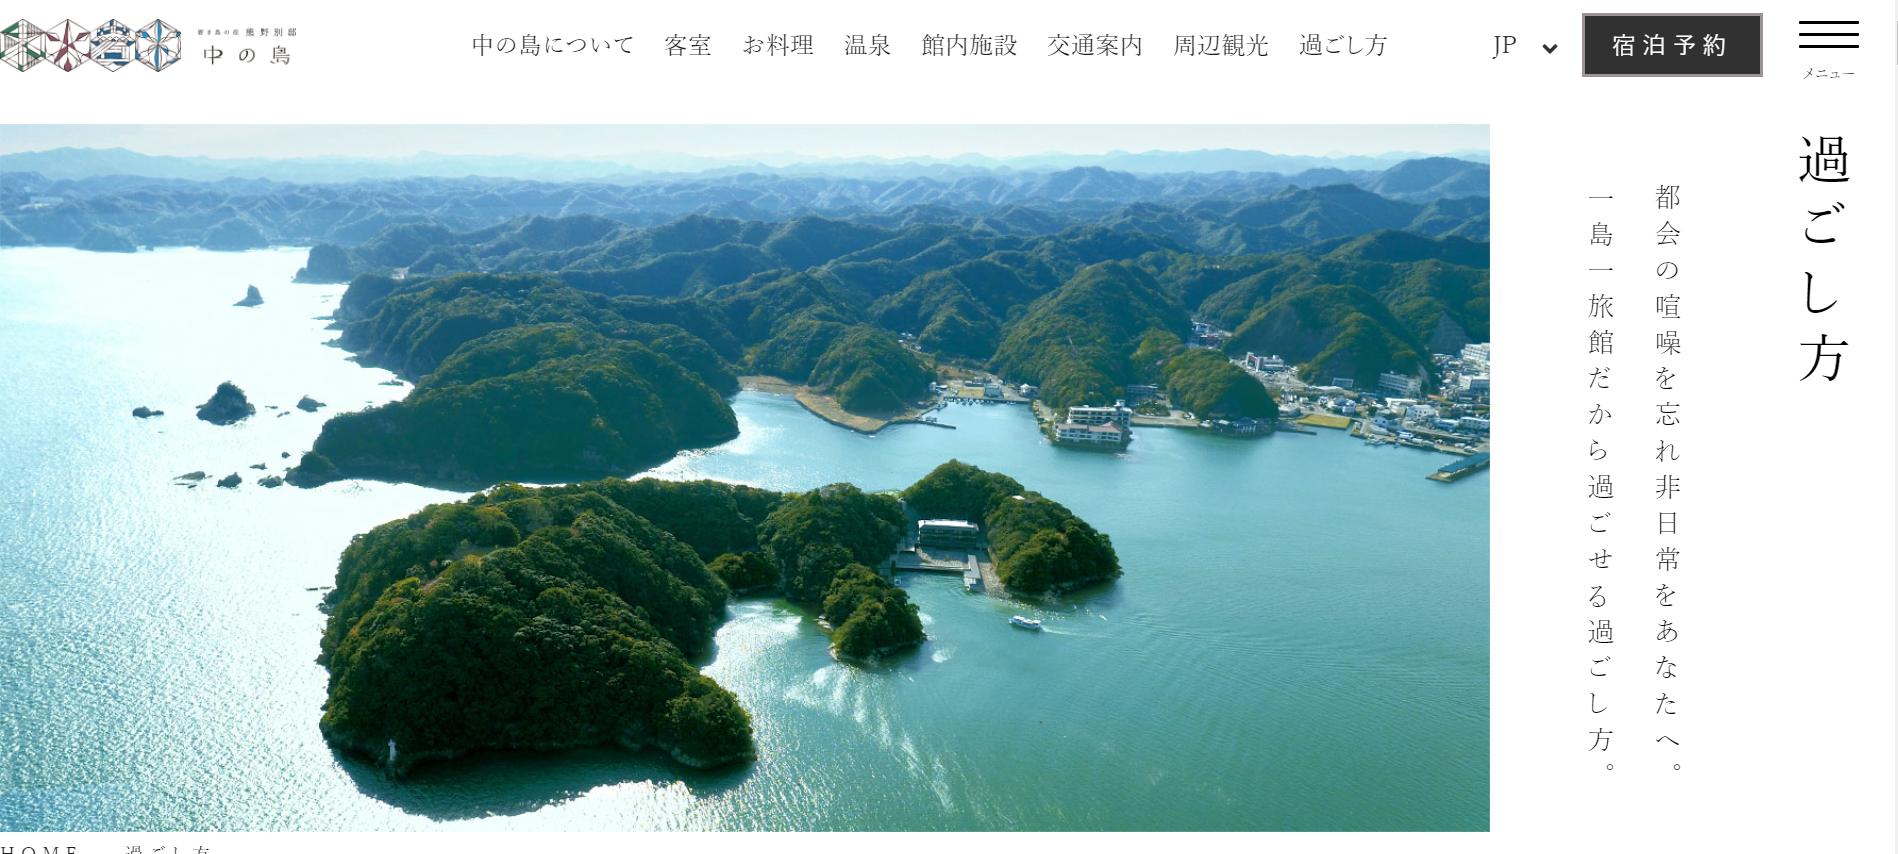 過ごし方 | 碧き島の宿 熊野別邸 中の島【公式】|和歌山 島の温泉宿 南紀勝浦温泉